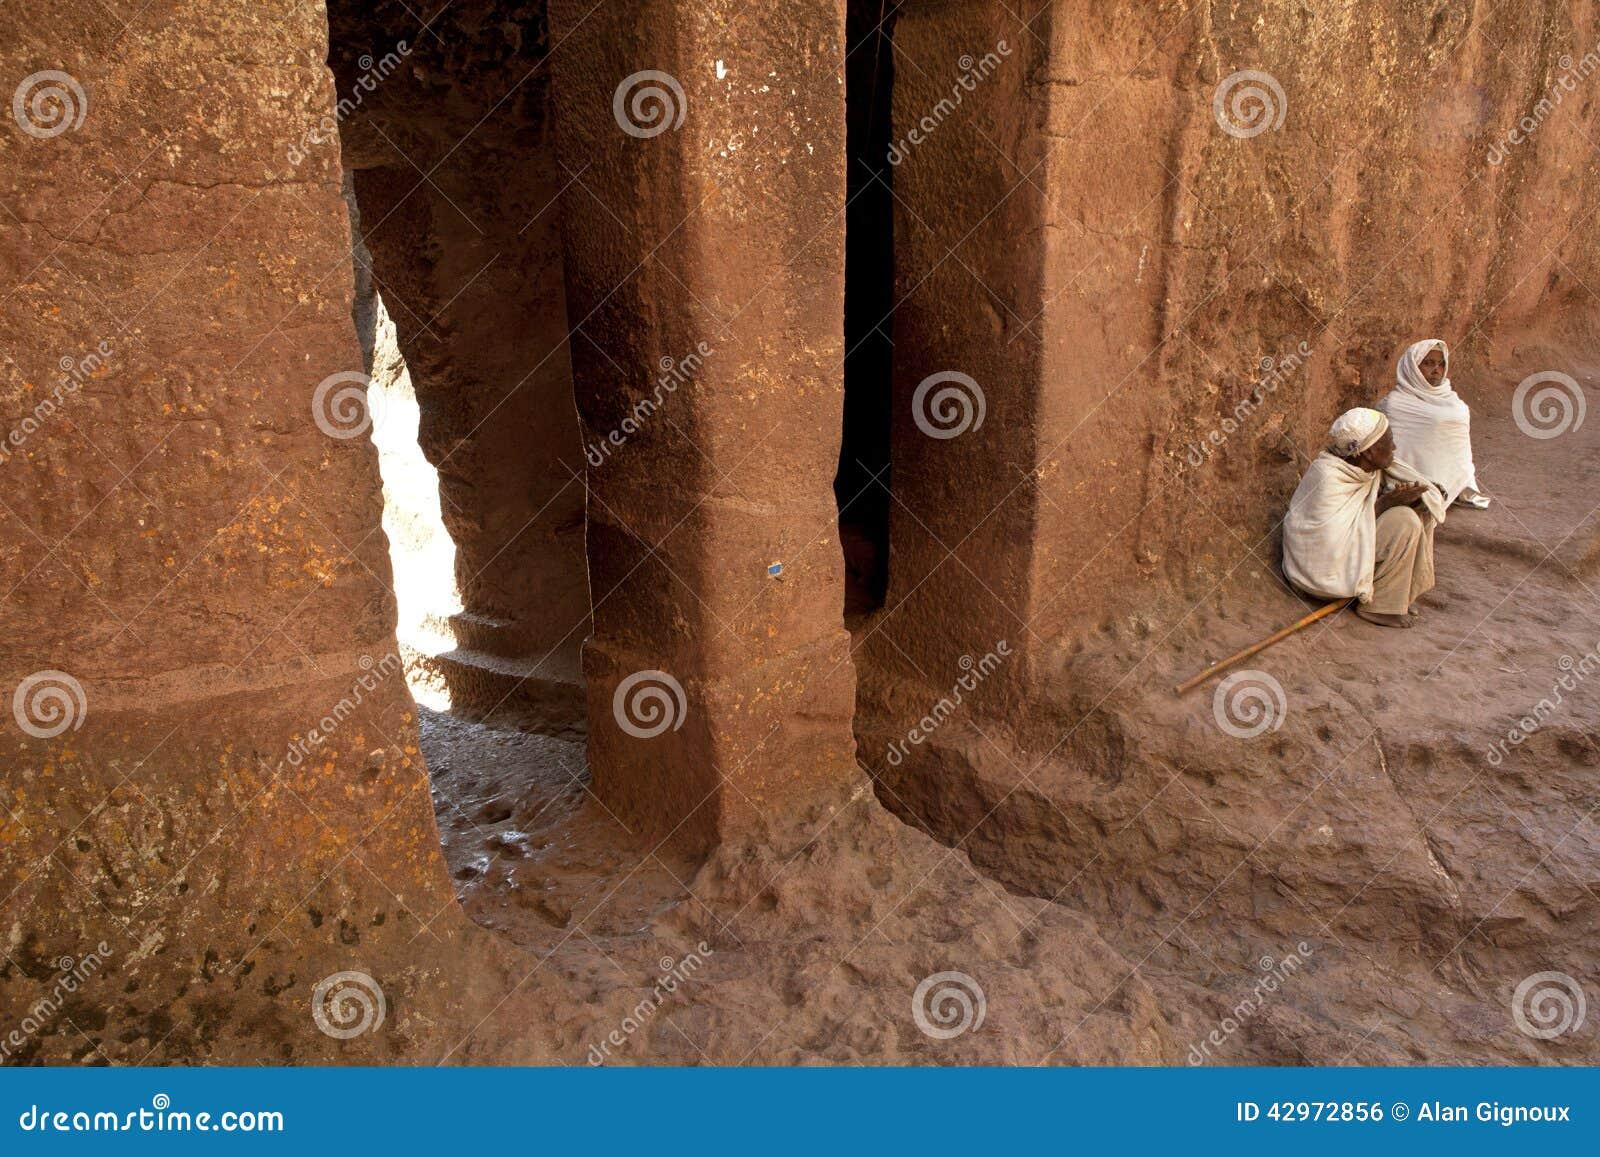 Priests sat outside, Lalibela